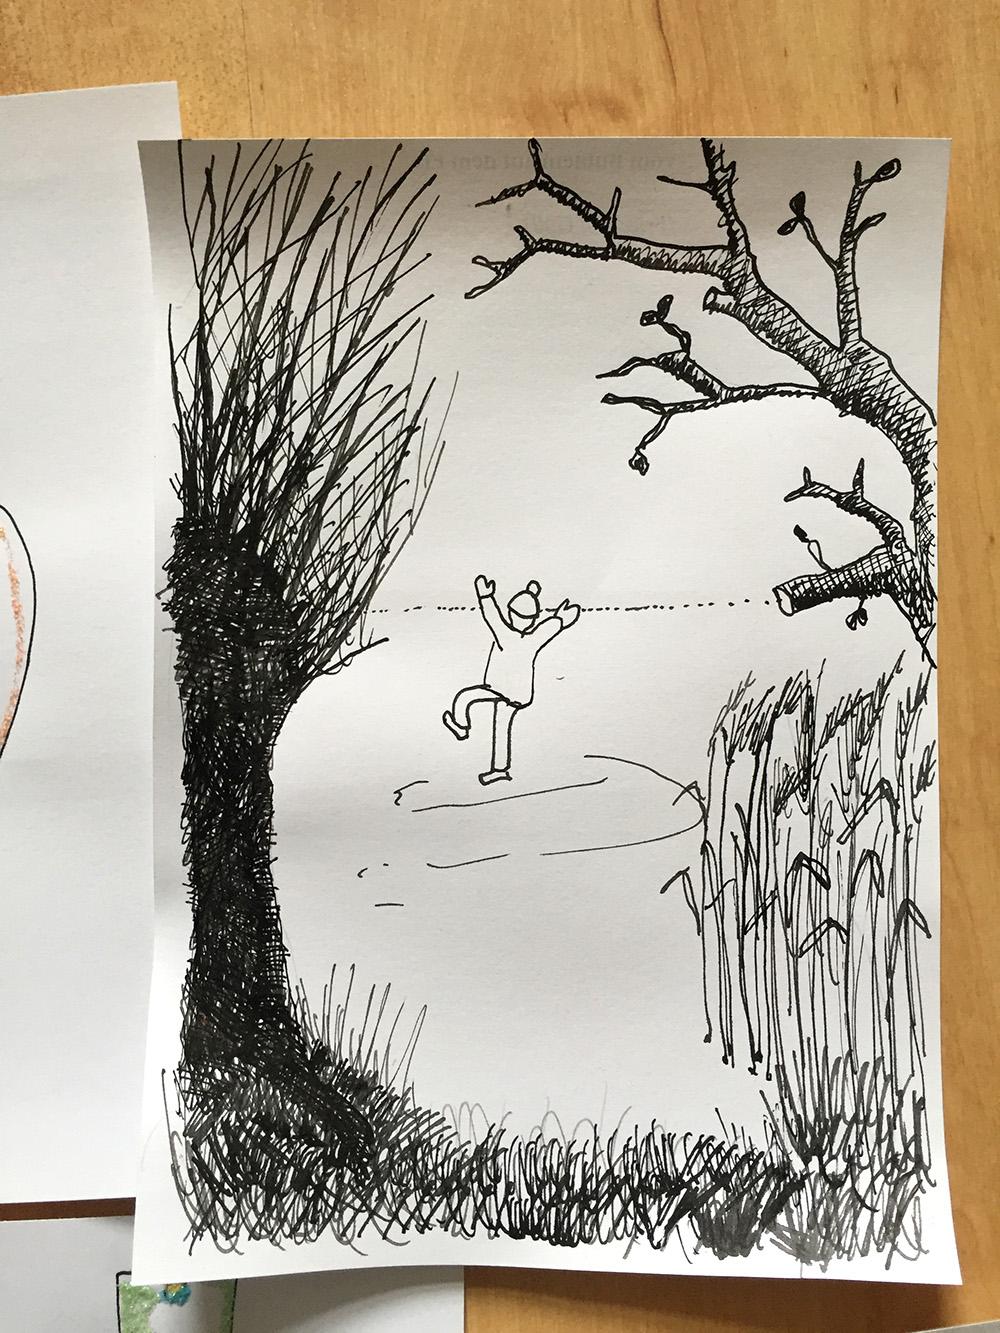 Adventskalender mit Gedichten und Zeichnungen,